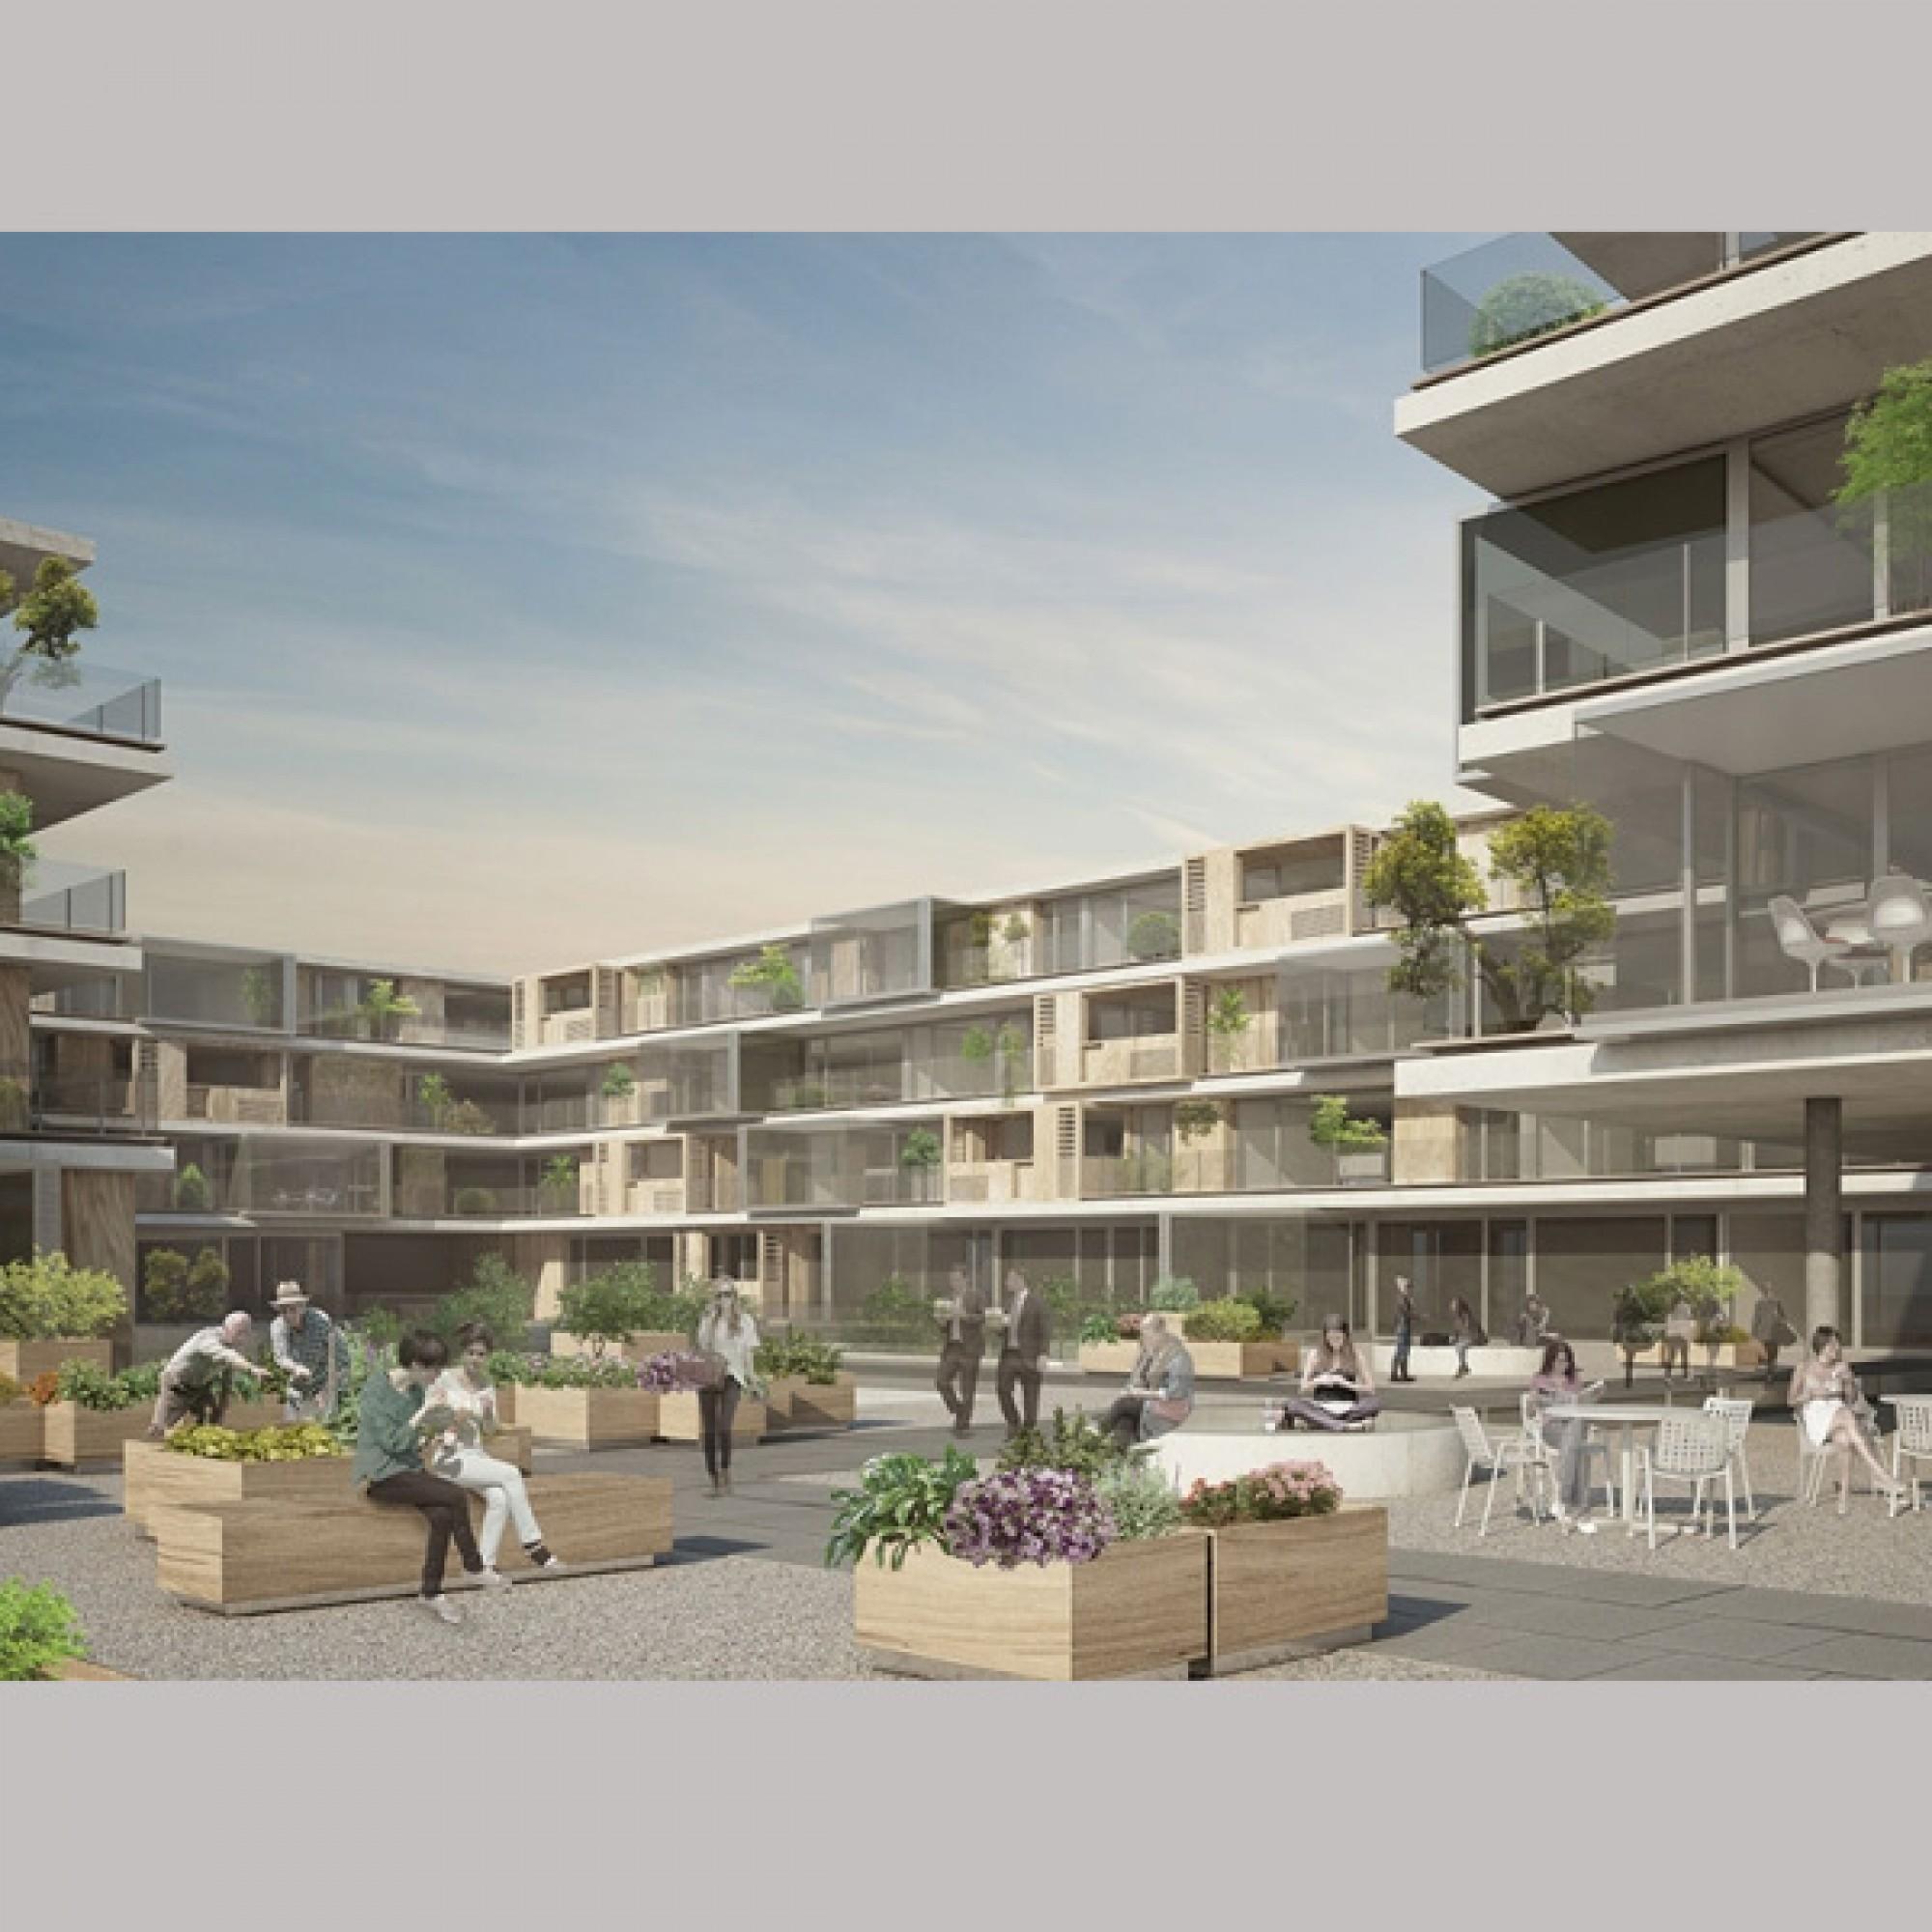 Nebst Verkaufs- und Büroflächen sind im neuen Gebäudekomplex auch 75 Mietwohnungen geplant.